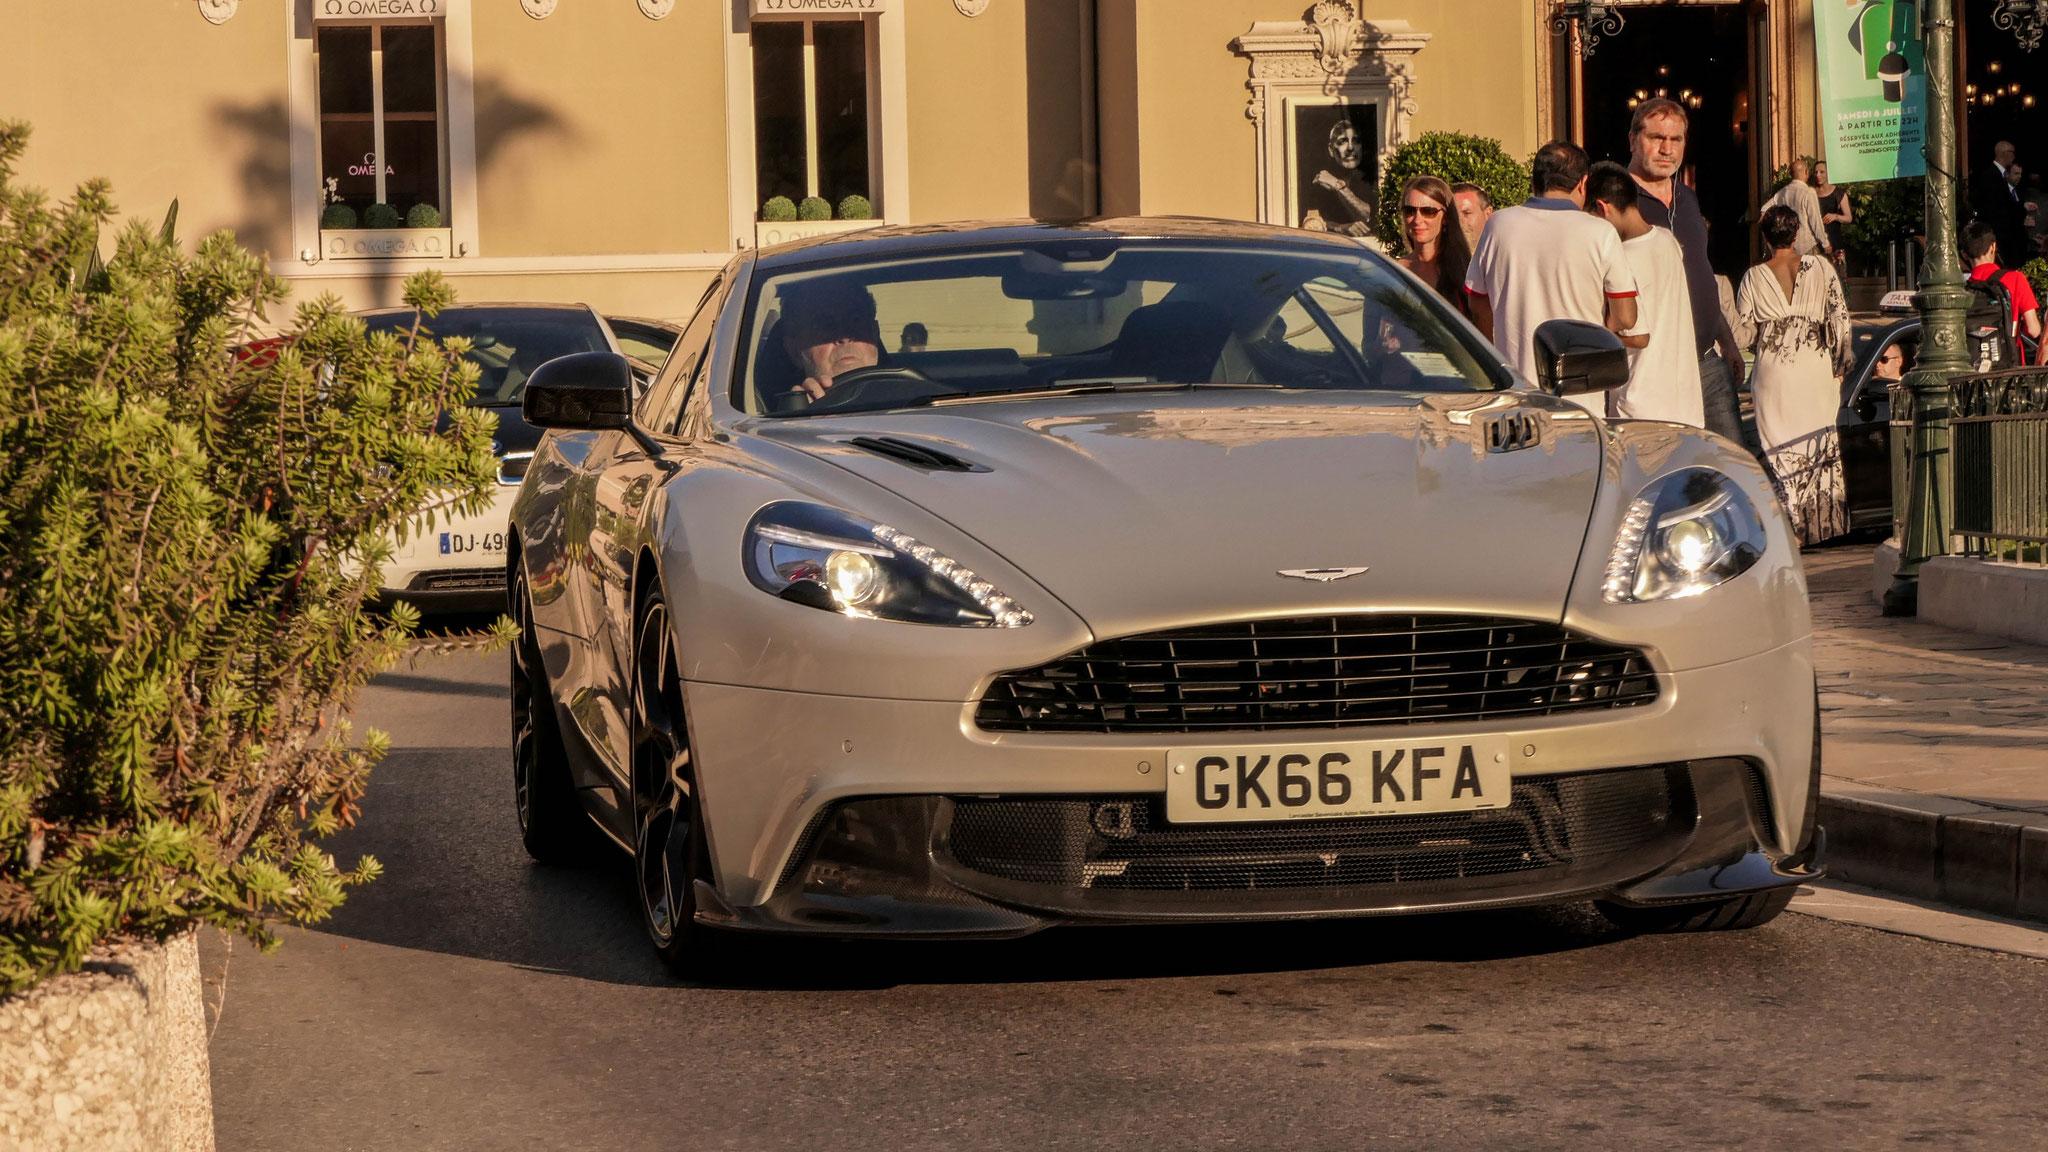 Aston Martin Vanquish S - GK66-KFA (GB)